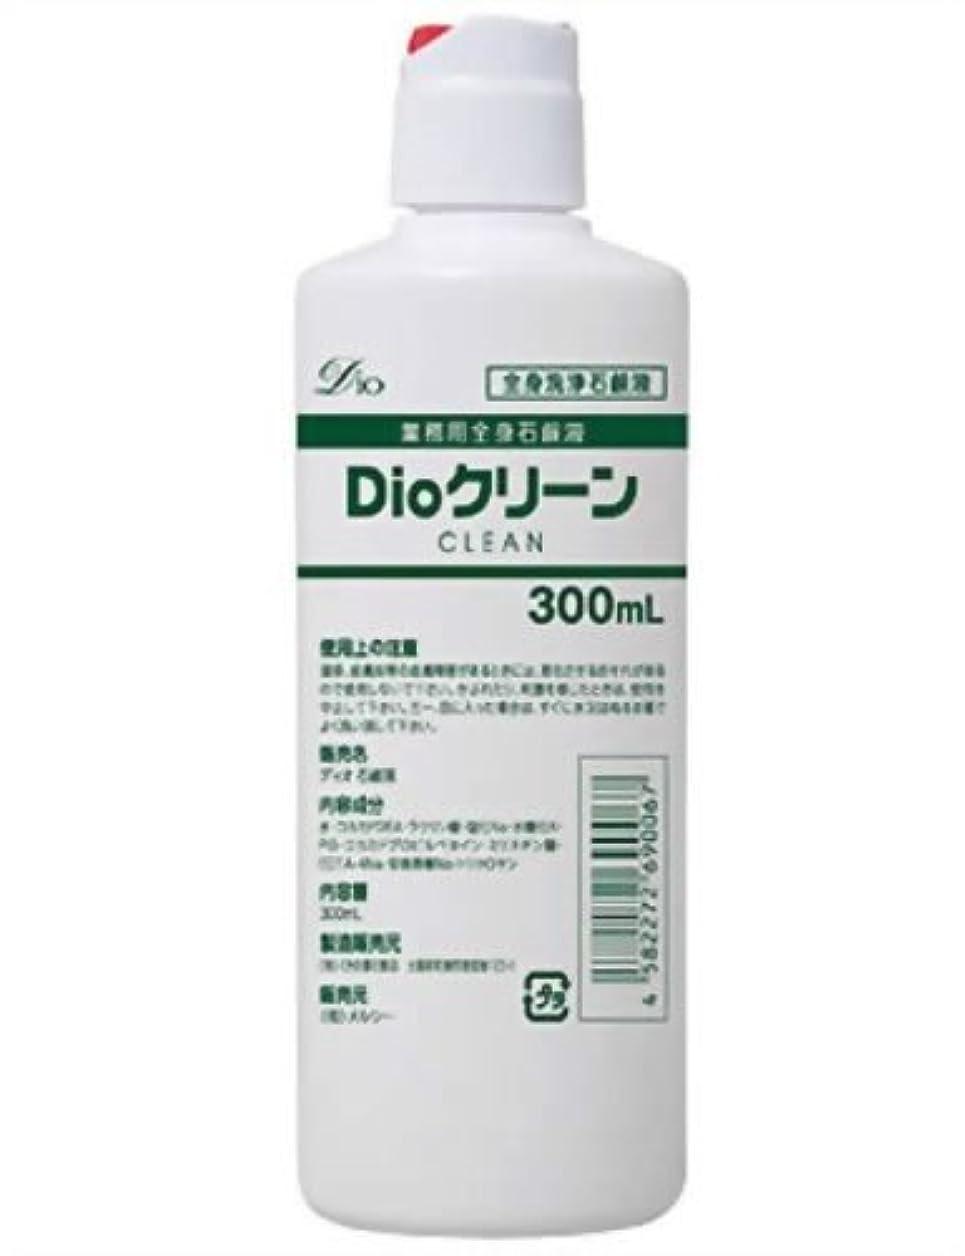 結果政治家の触手【業務用】 Dioクリーン 300ml